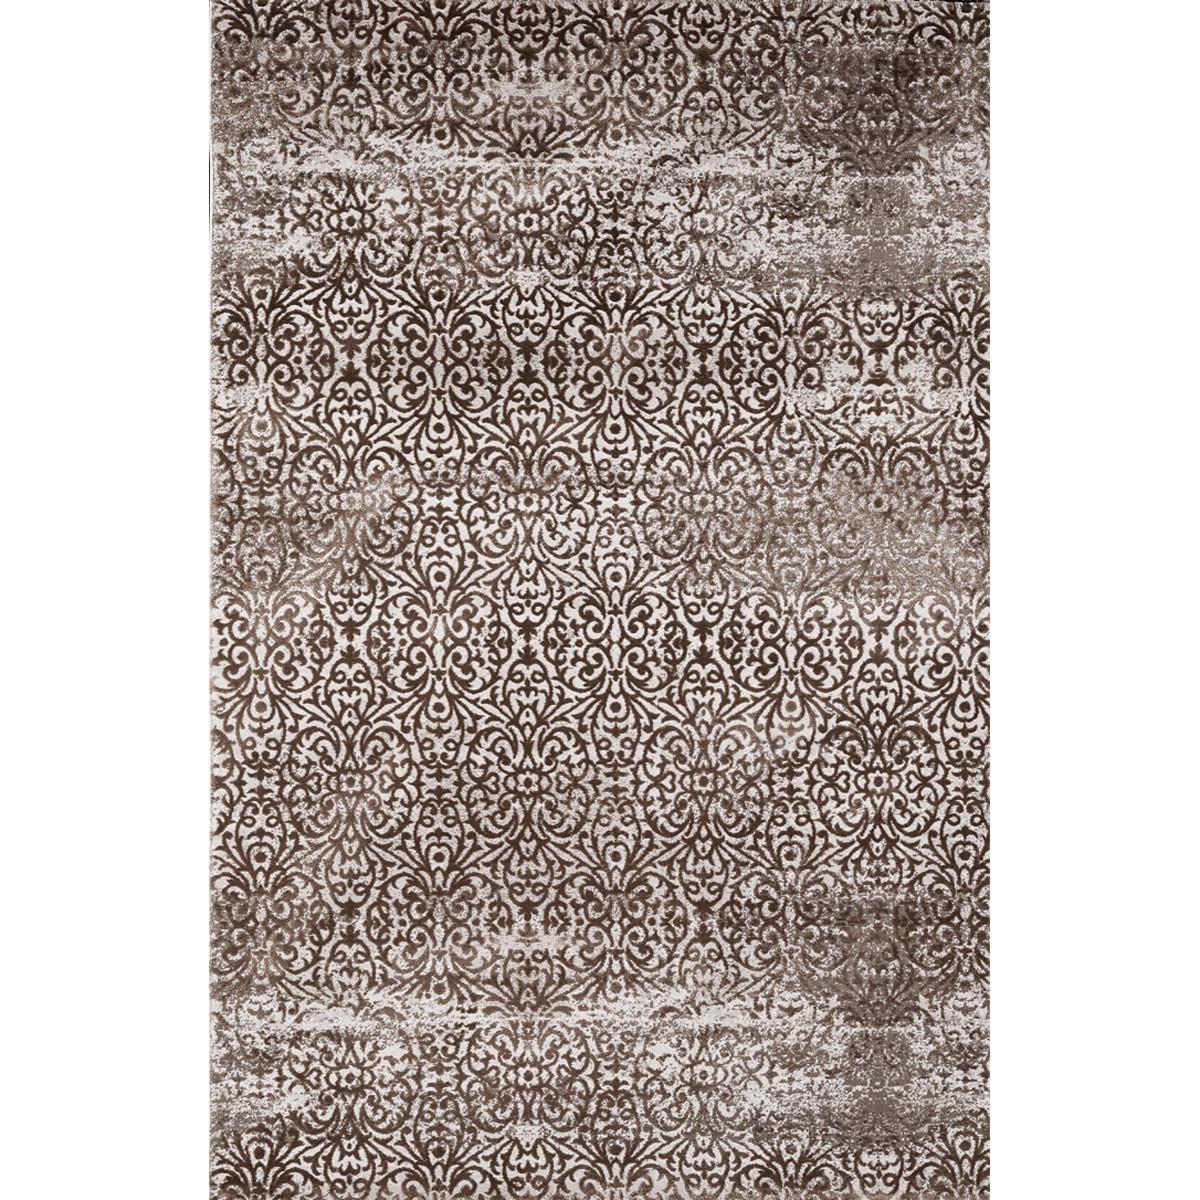 Χαλιά Κρεβατοκάμαρας (Σετ 3τμχ) Colore Colori Thema 14814/956